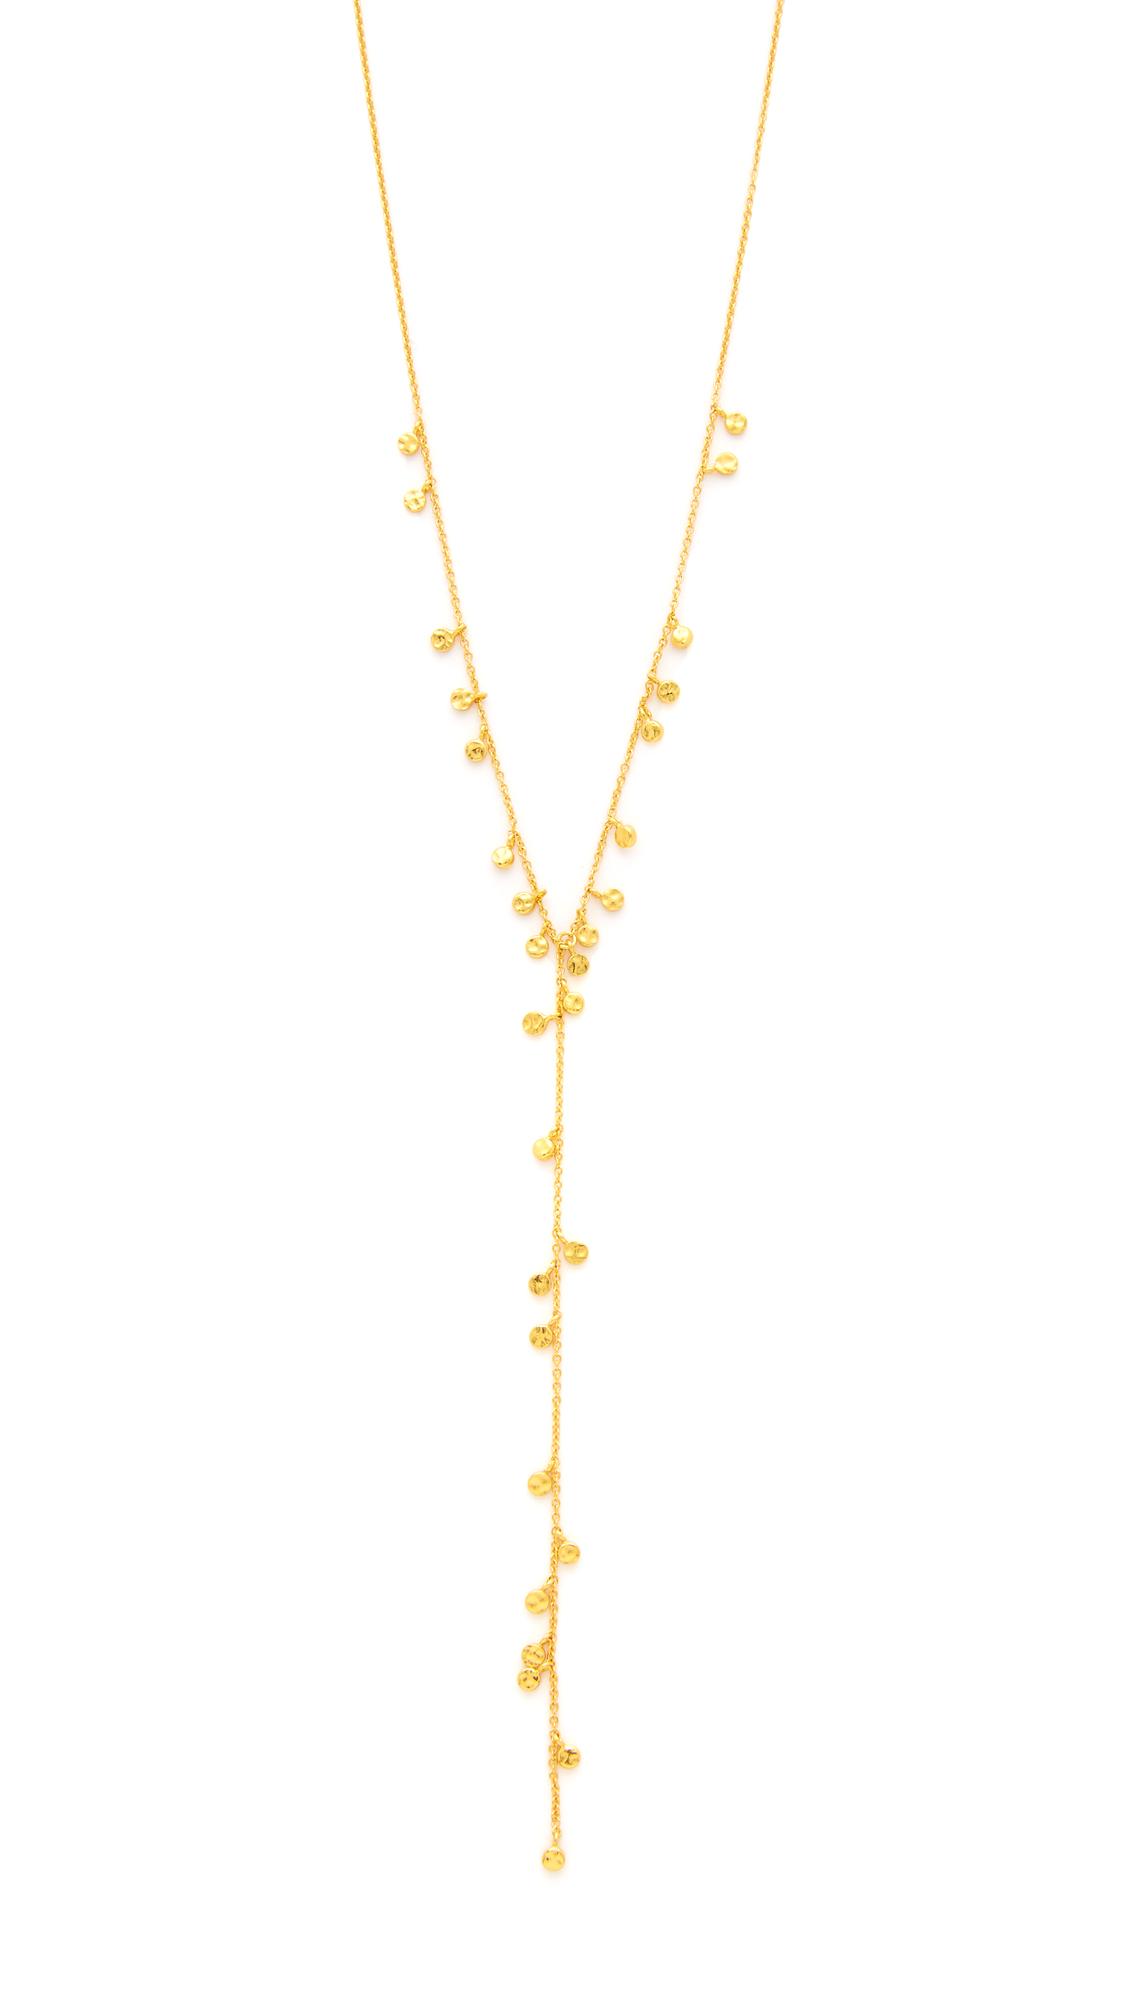 Gorjana Chloe Mini Lariat in Metallic Gold 5ri6z1